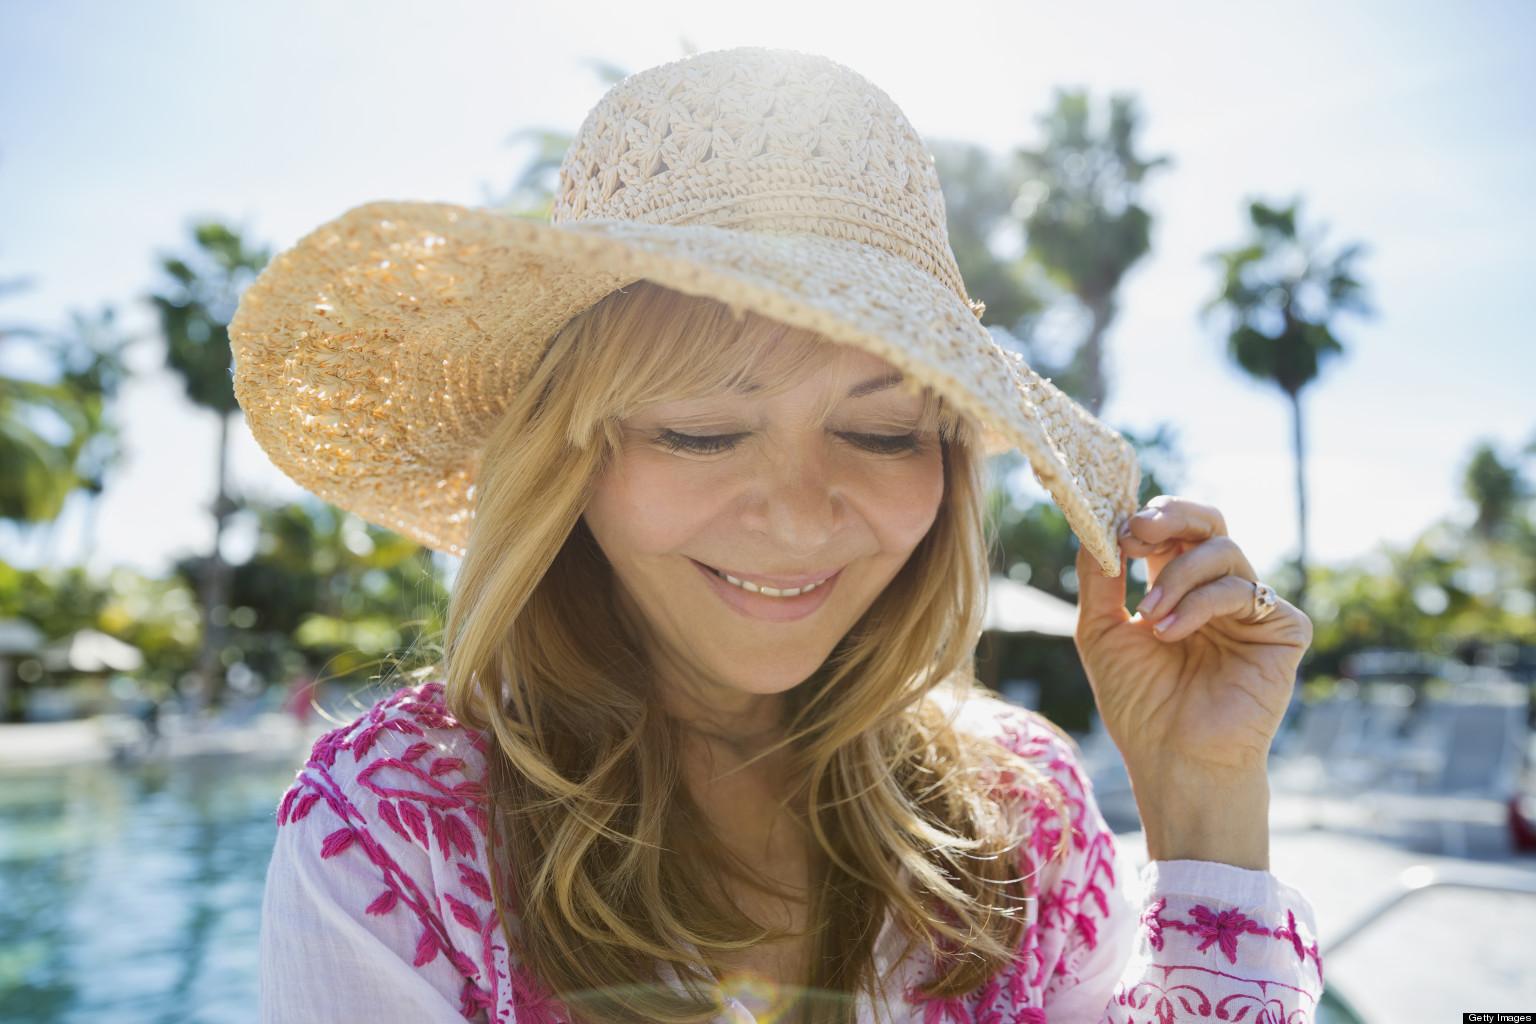 Summer dresses for over 50s women